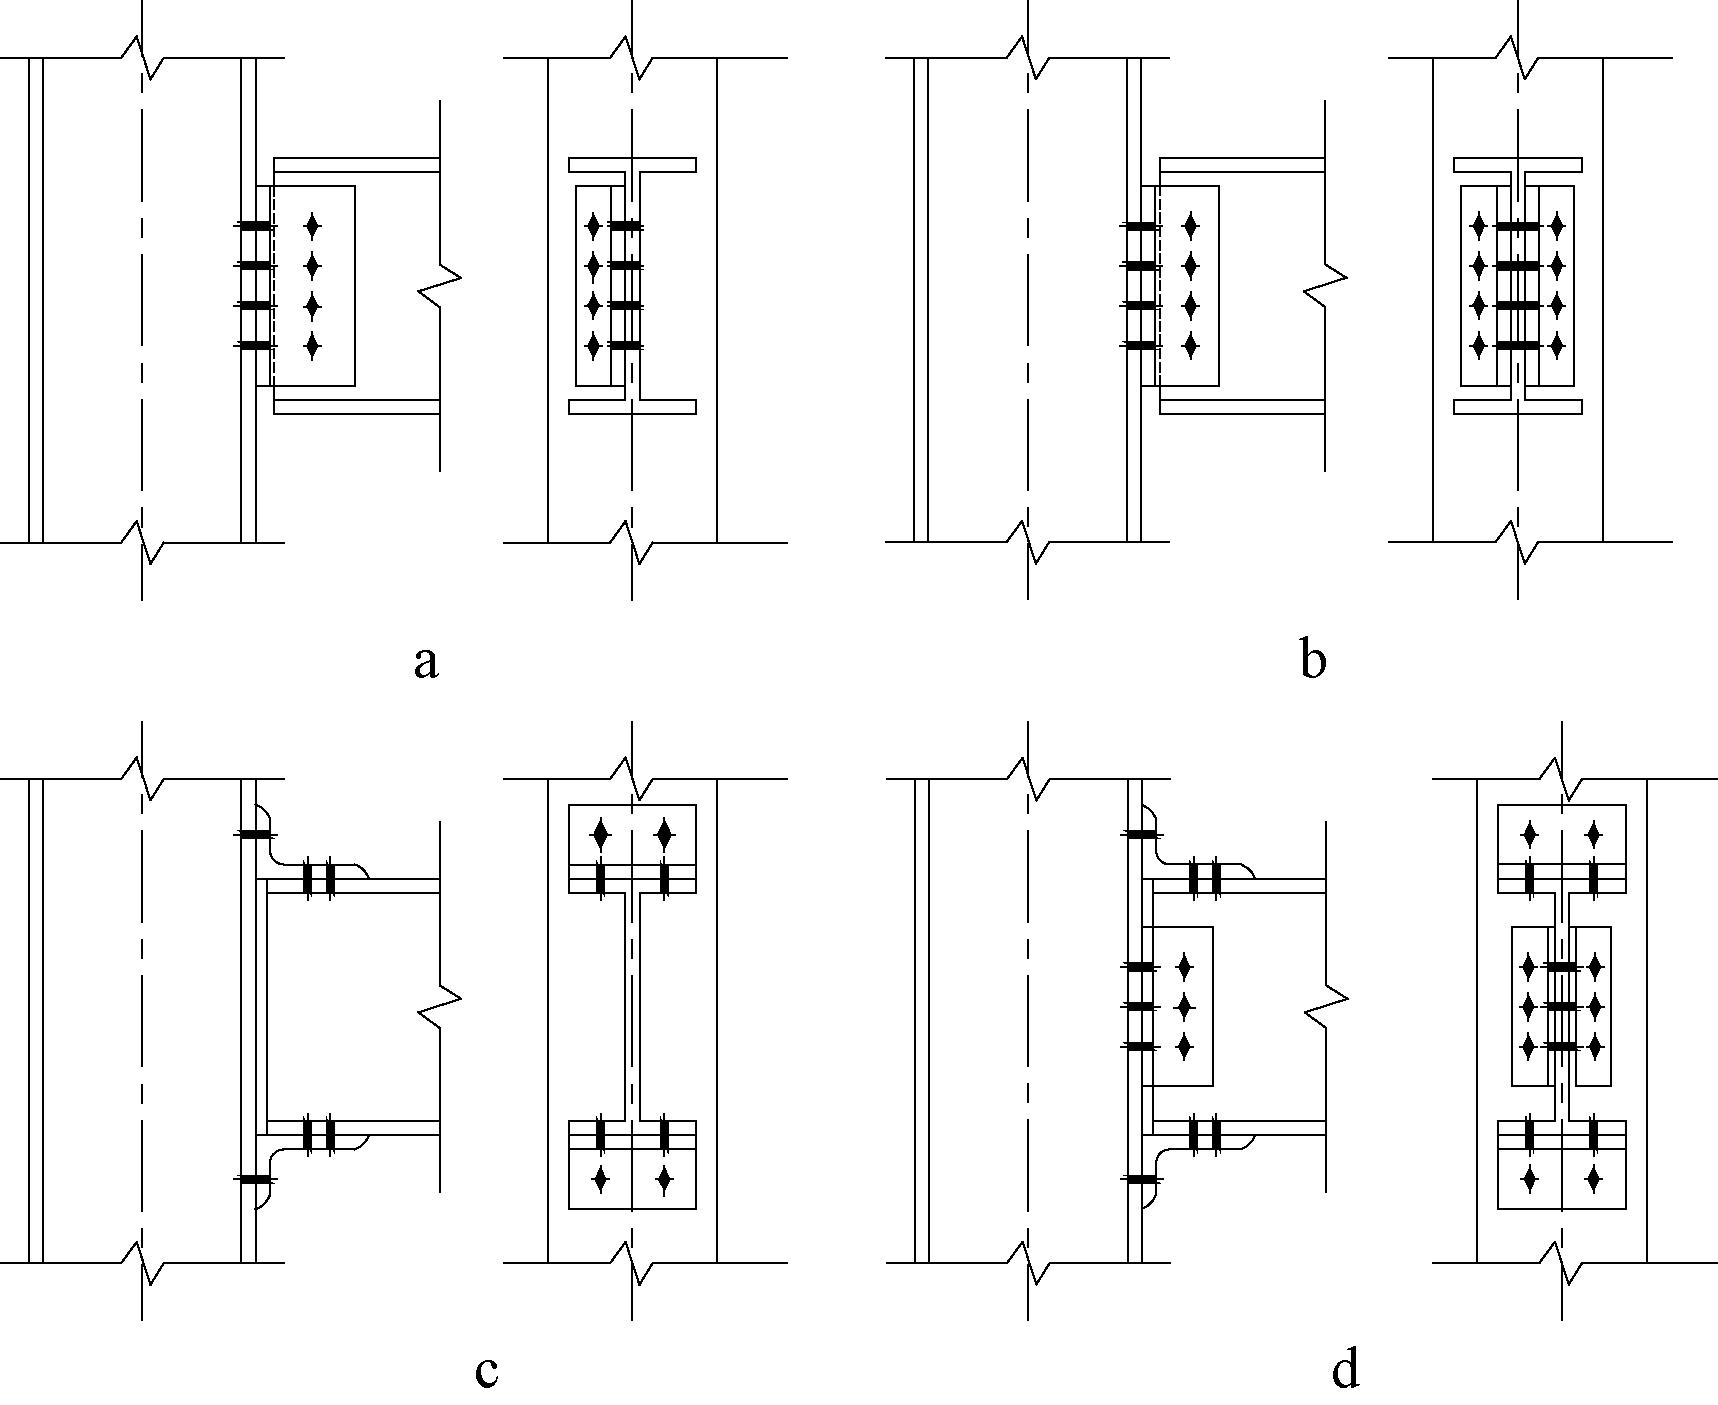 钢结构装配式梁柱连接节点研究进展*